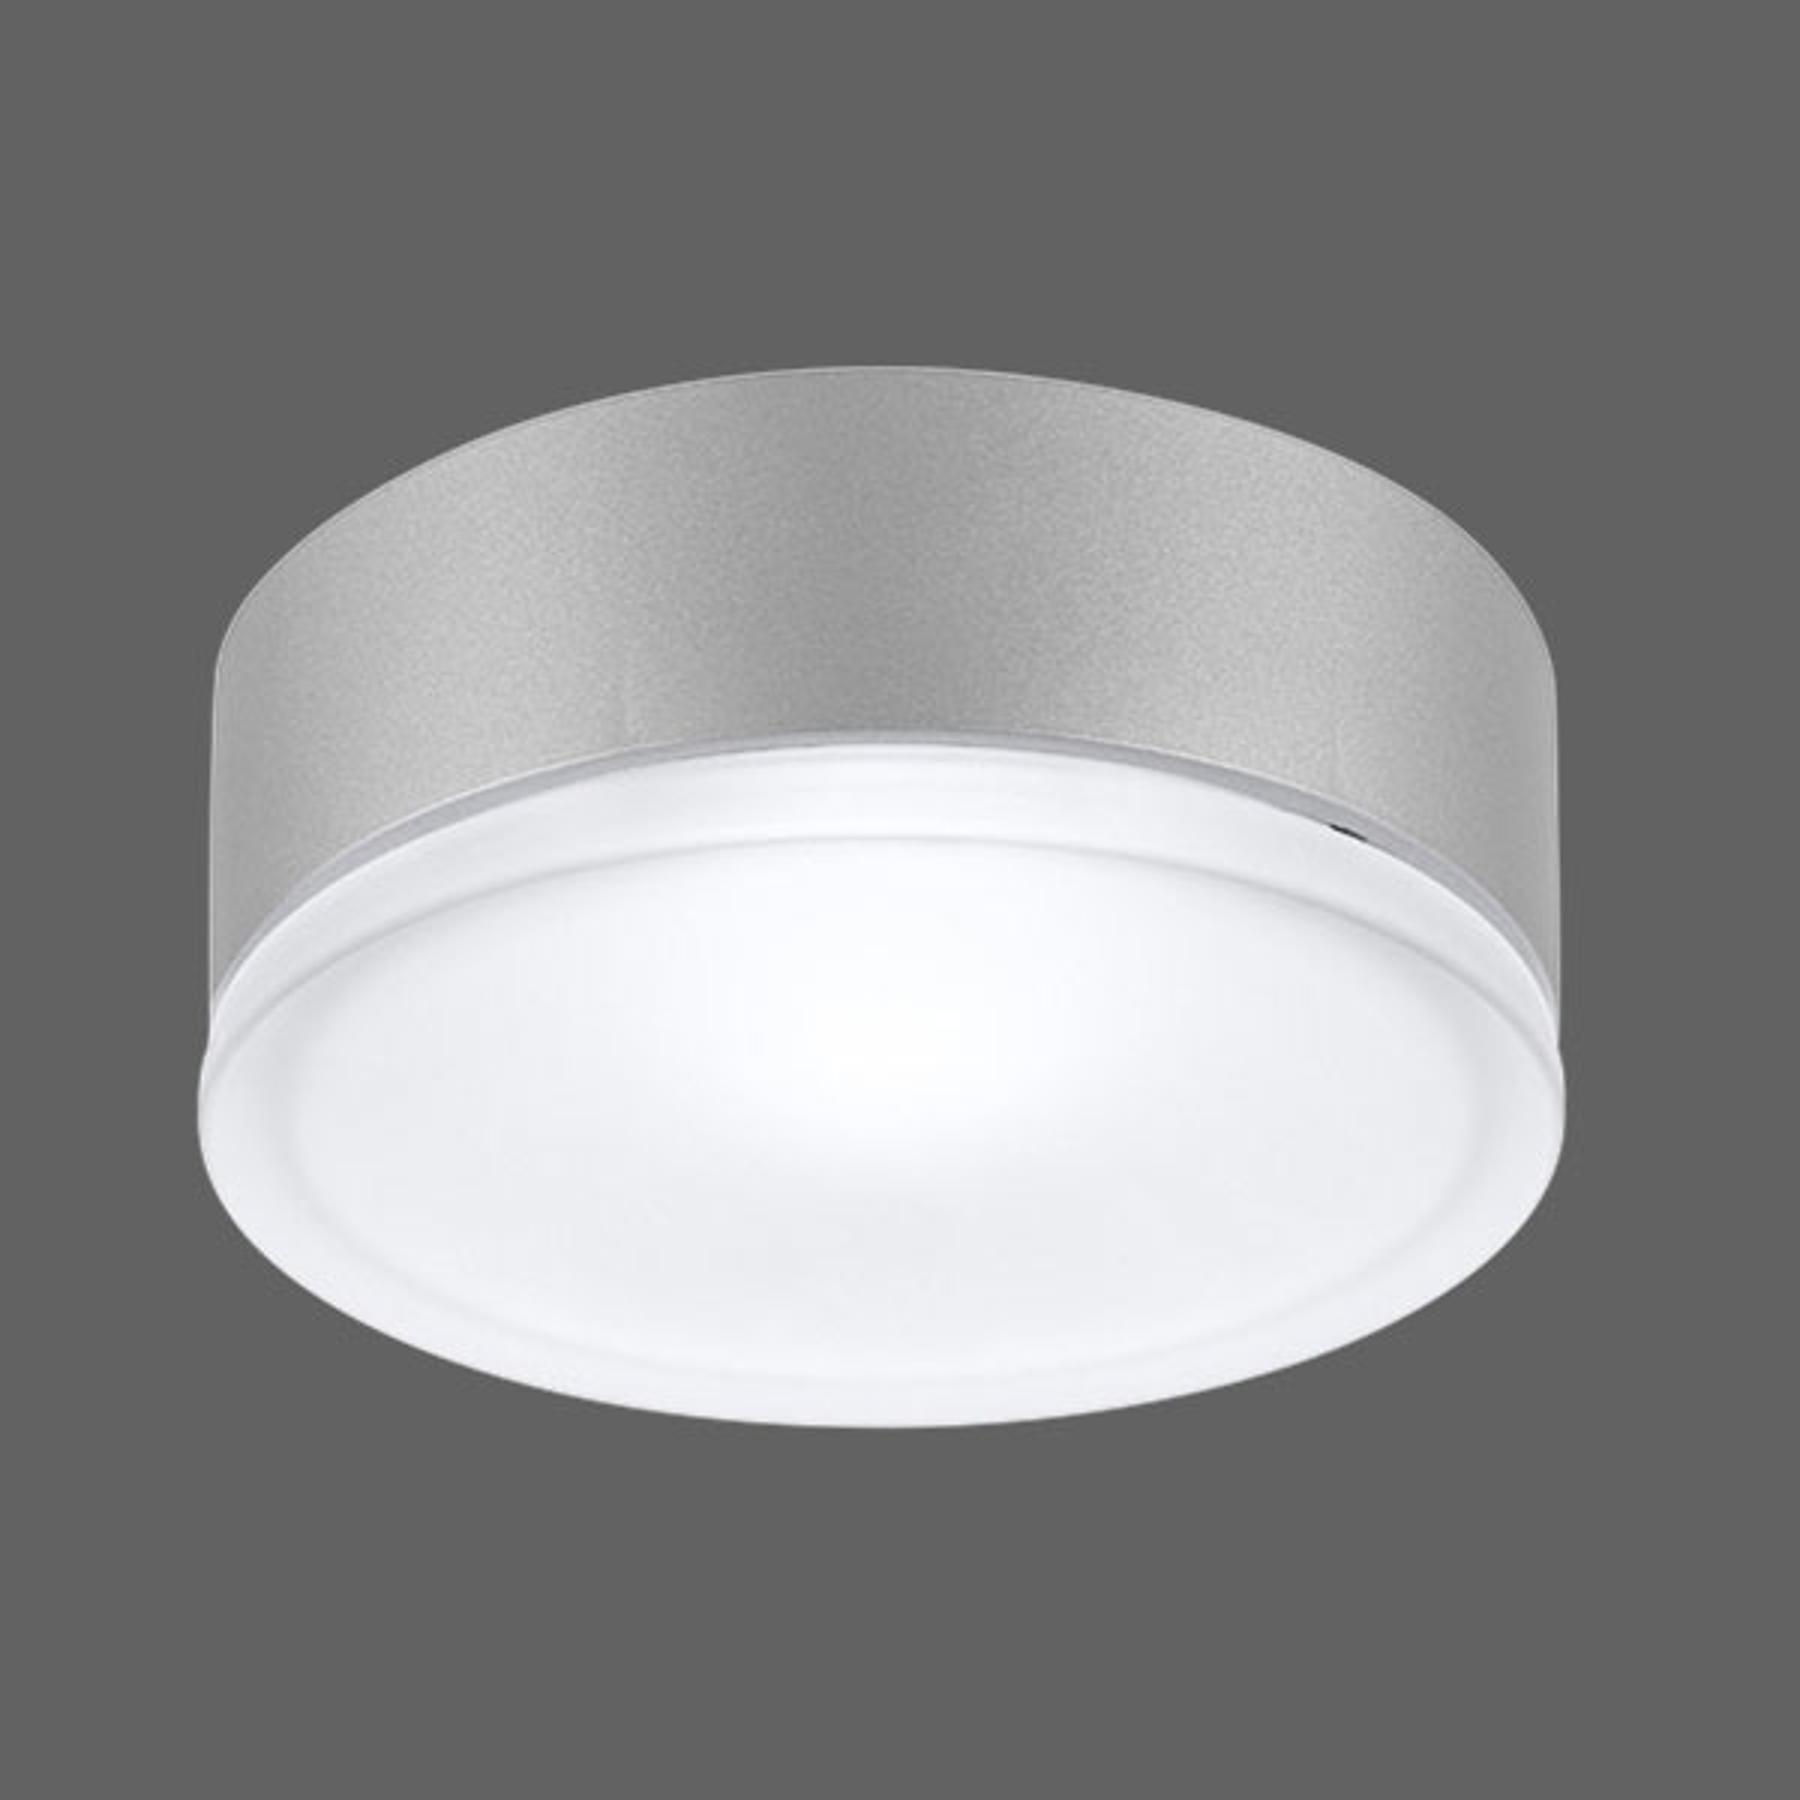 Capteur HF - applique LED Drop 28 grise 4000K